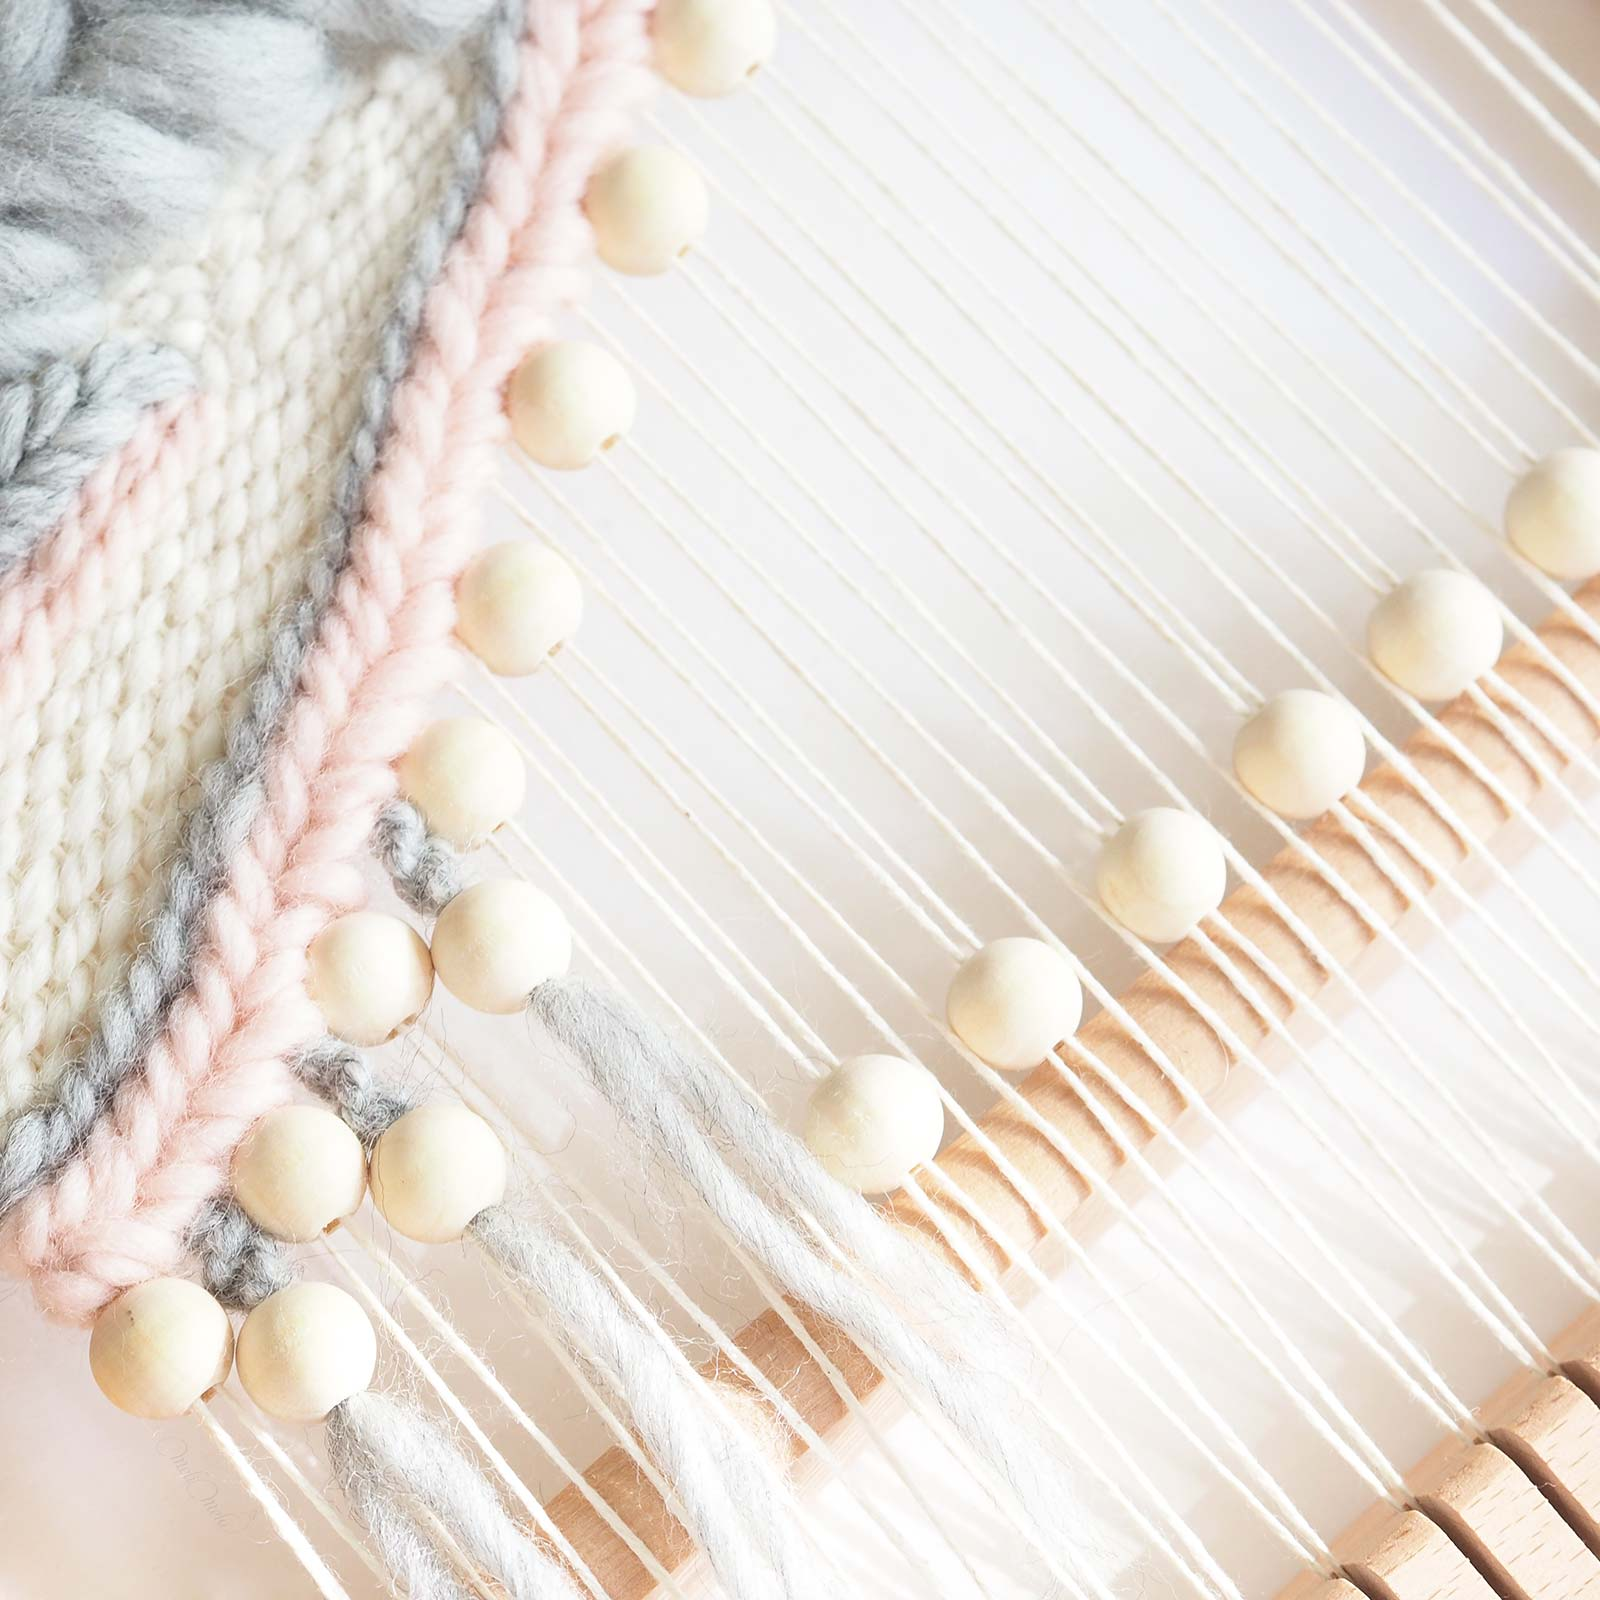 Détail tissage trame perles en bois laine plassard woolandthegang handweaving laboutiquedemelimelo